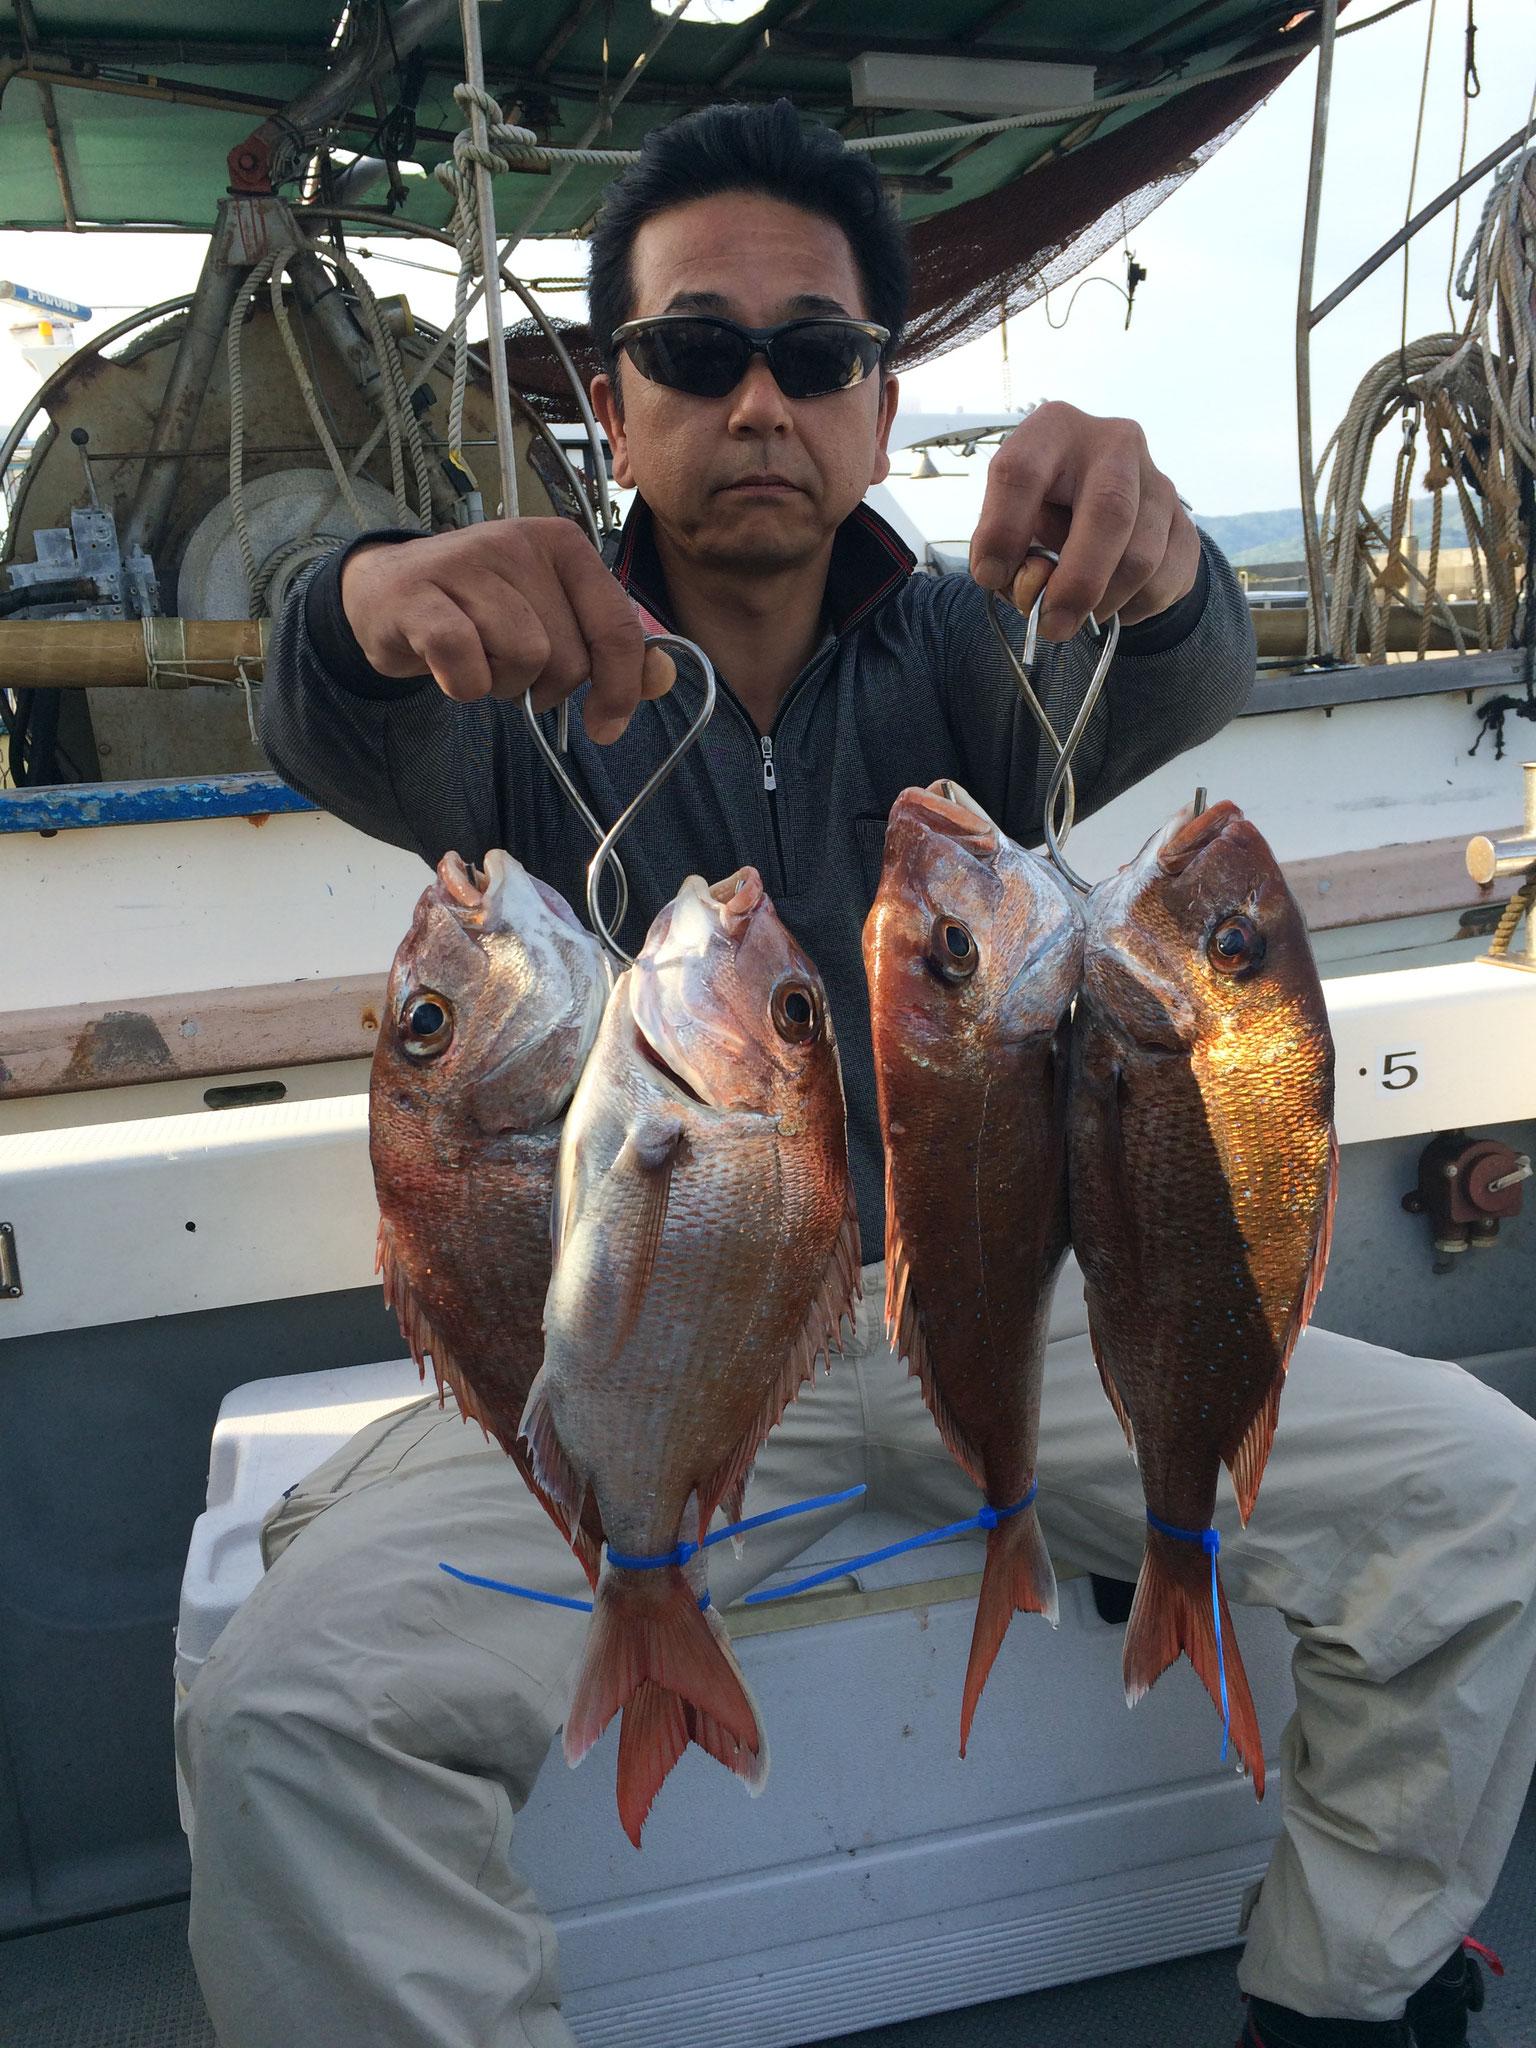 4fish(^O^)/